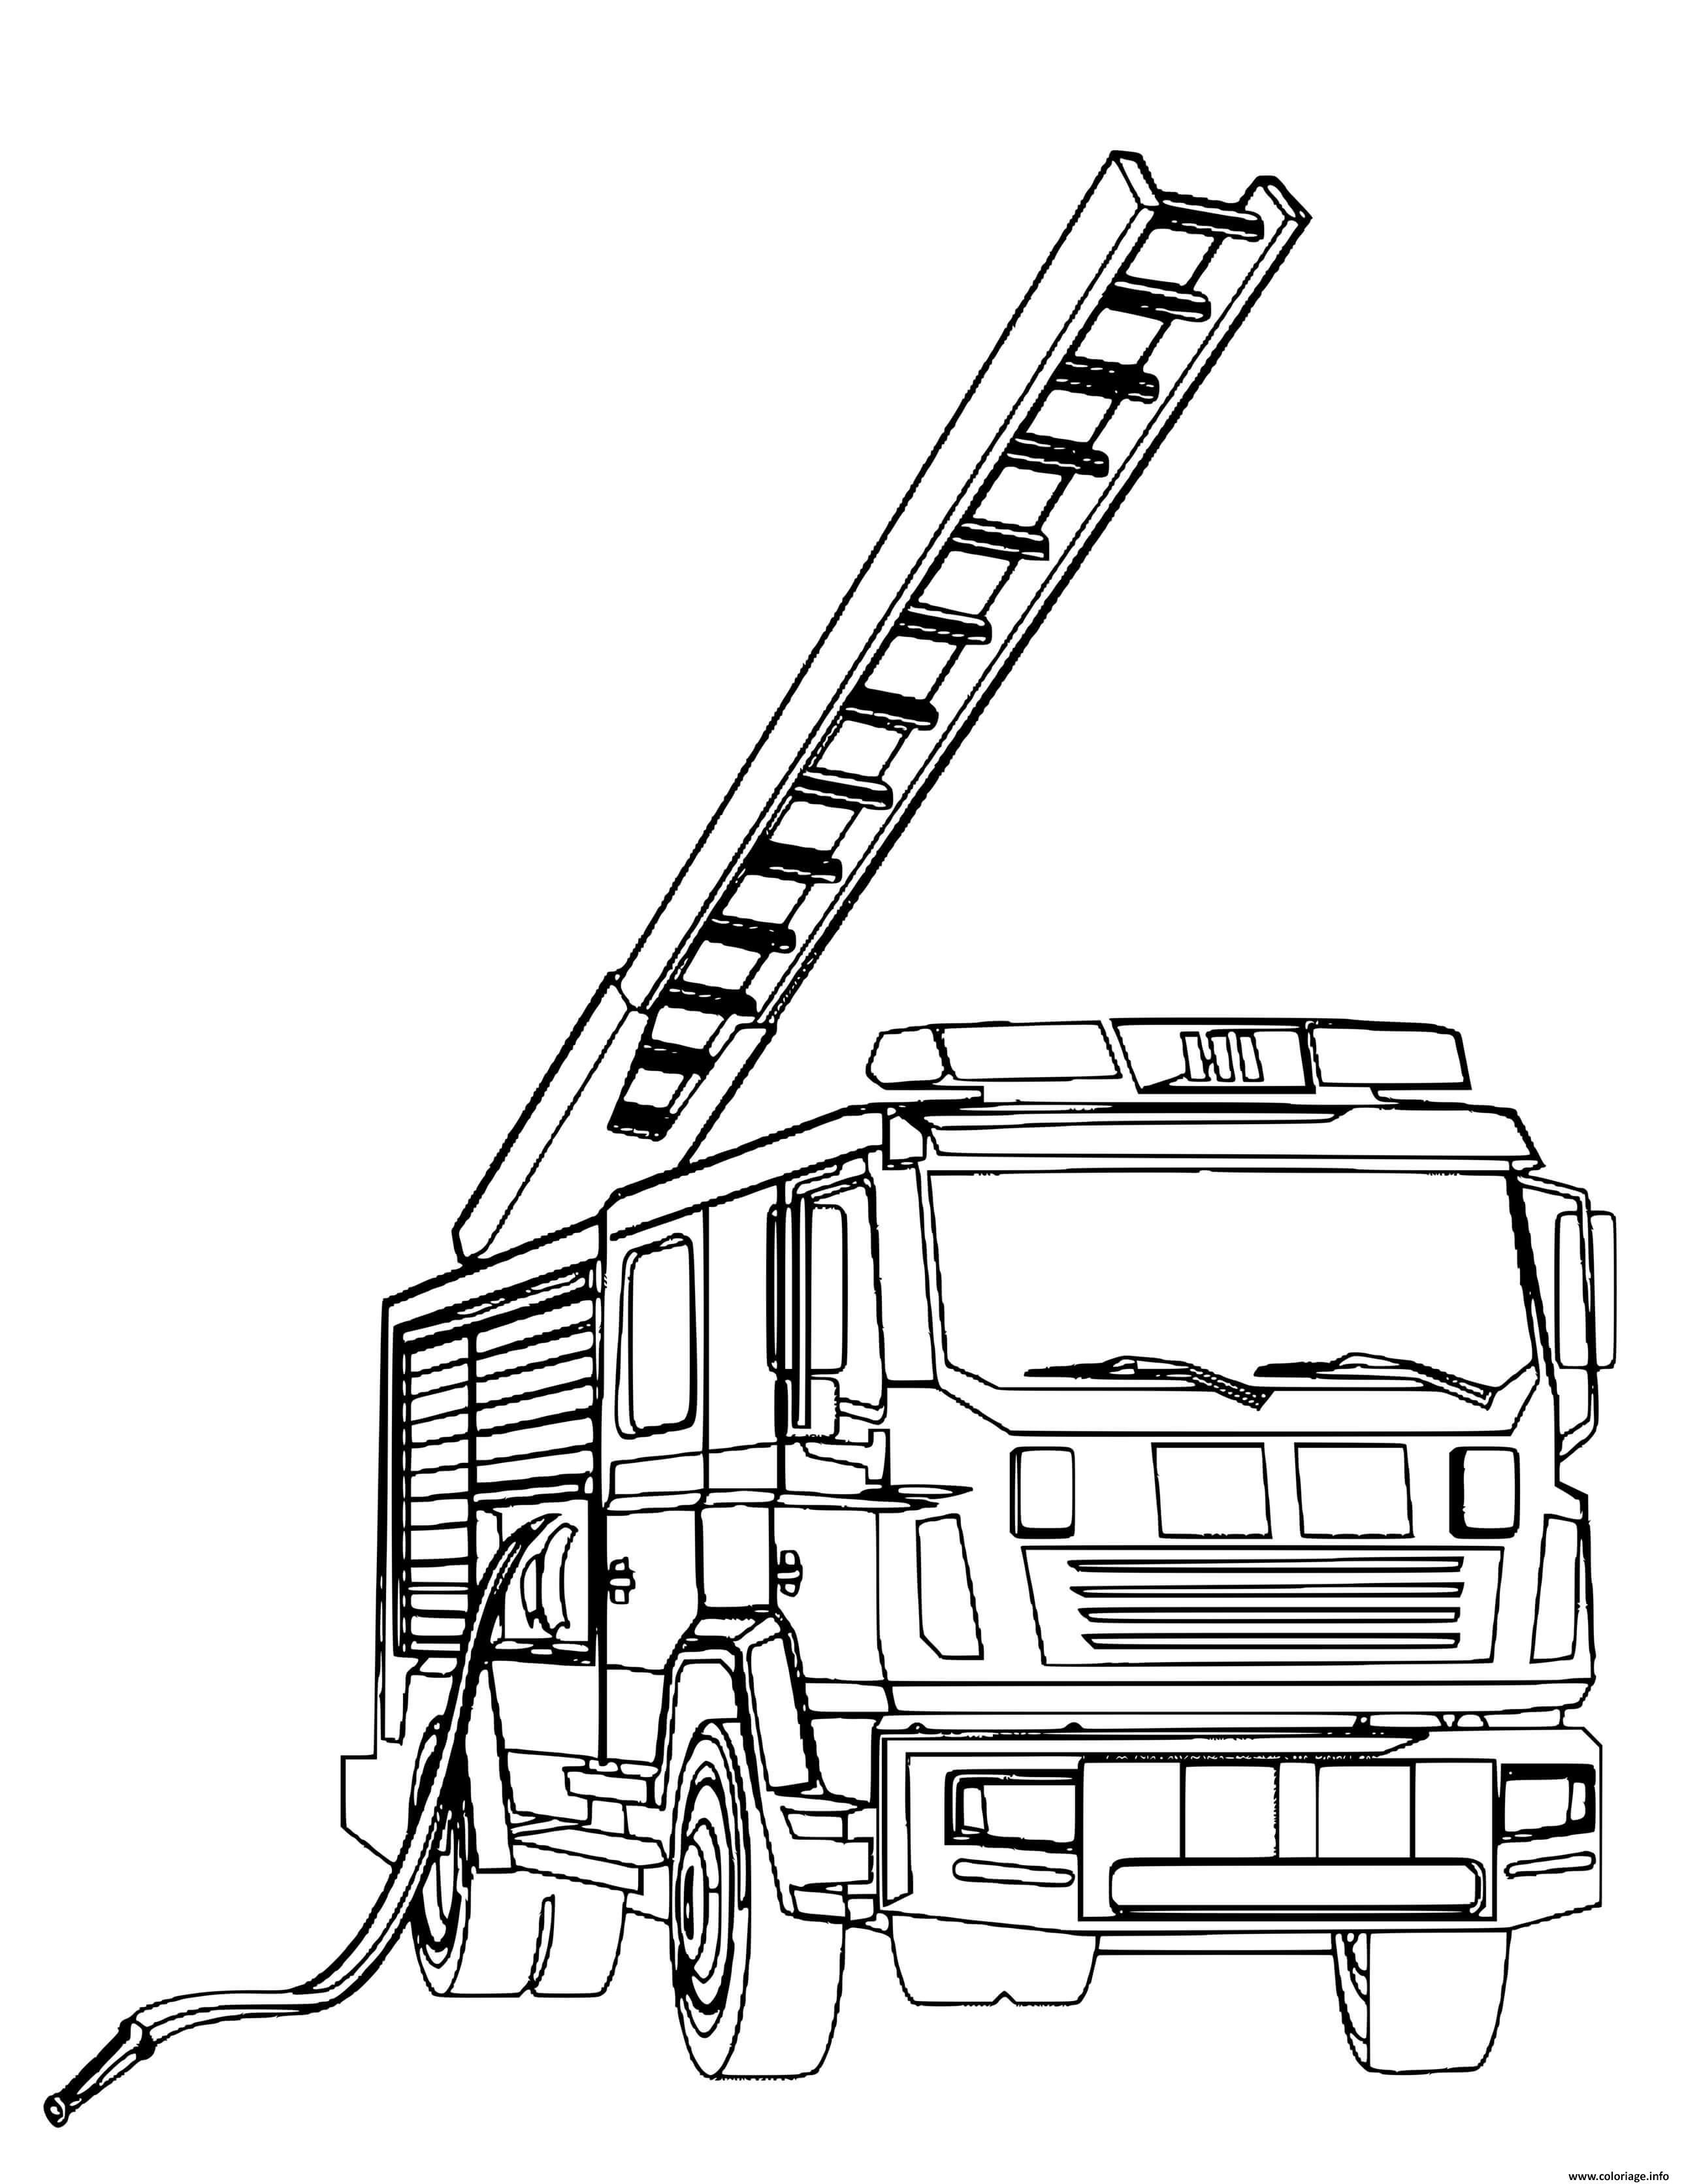 Coloriage Camion De Pompier Avec Une Echelle Dessin Camion De Pompier A Imprimer